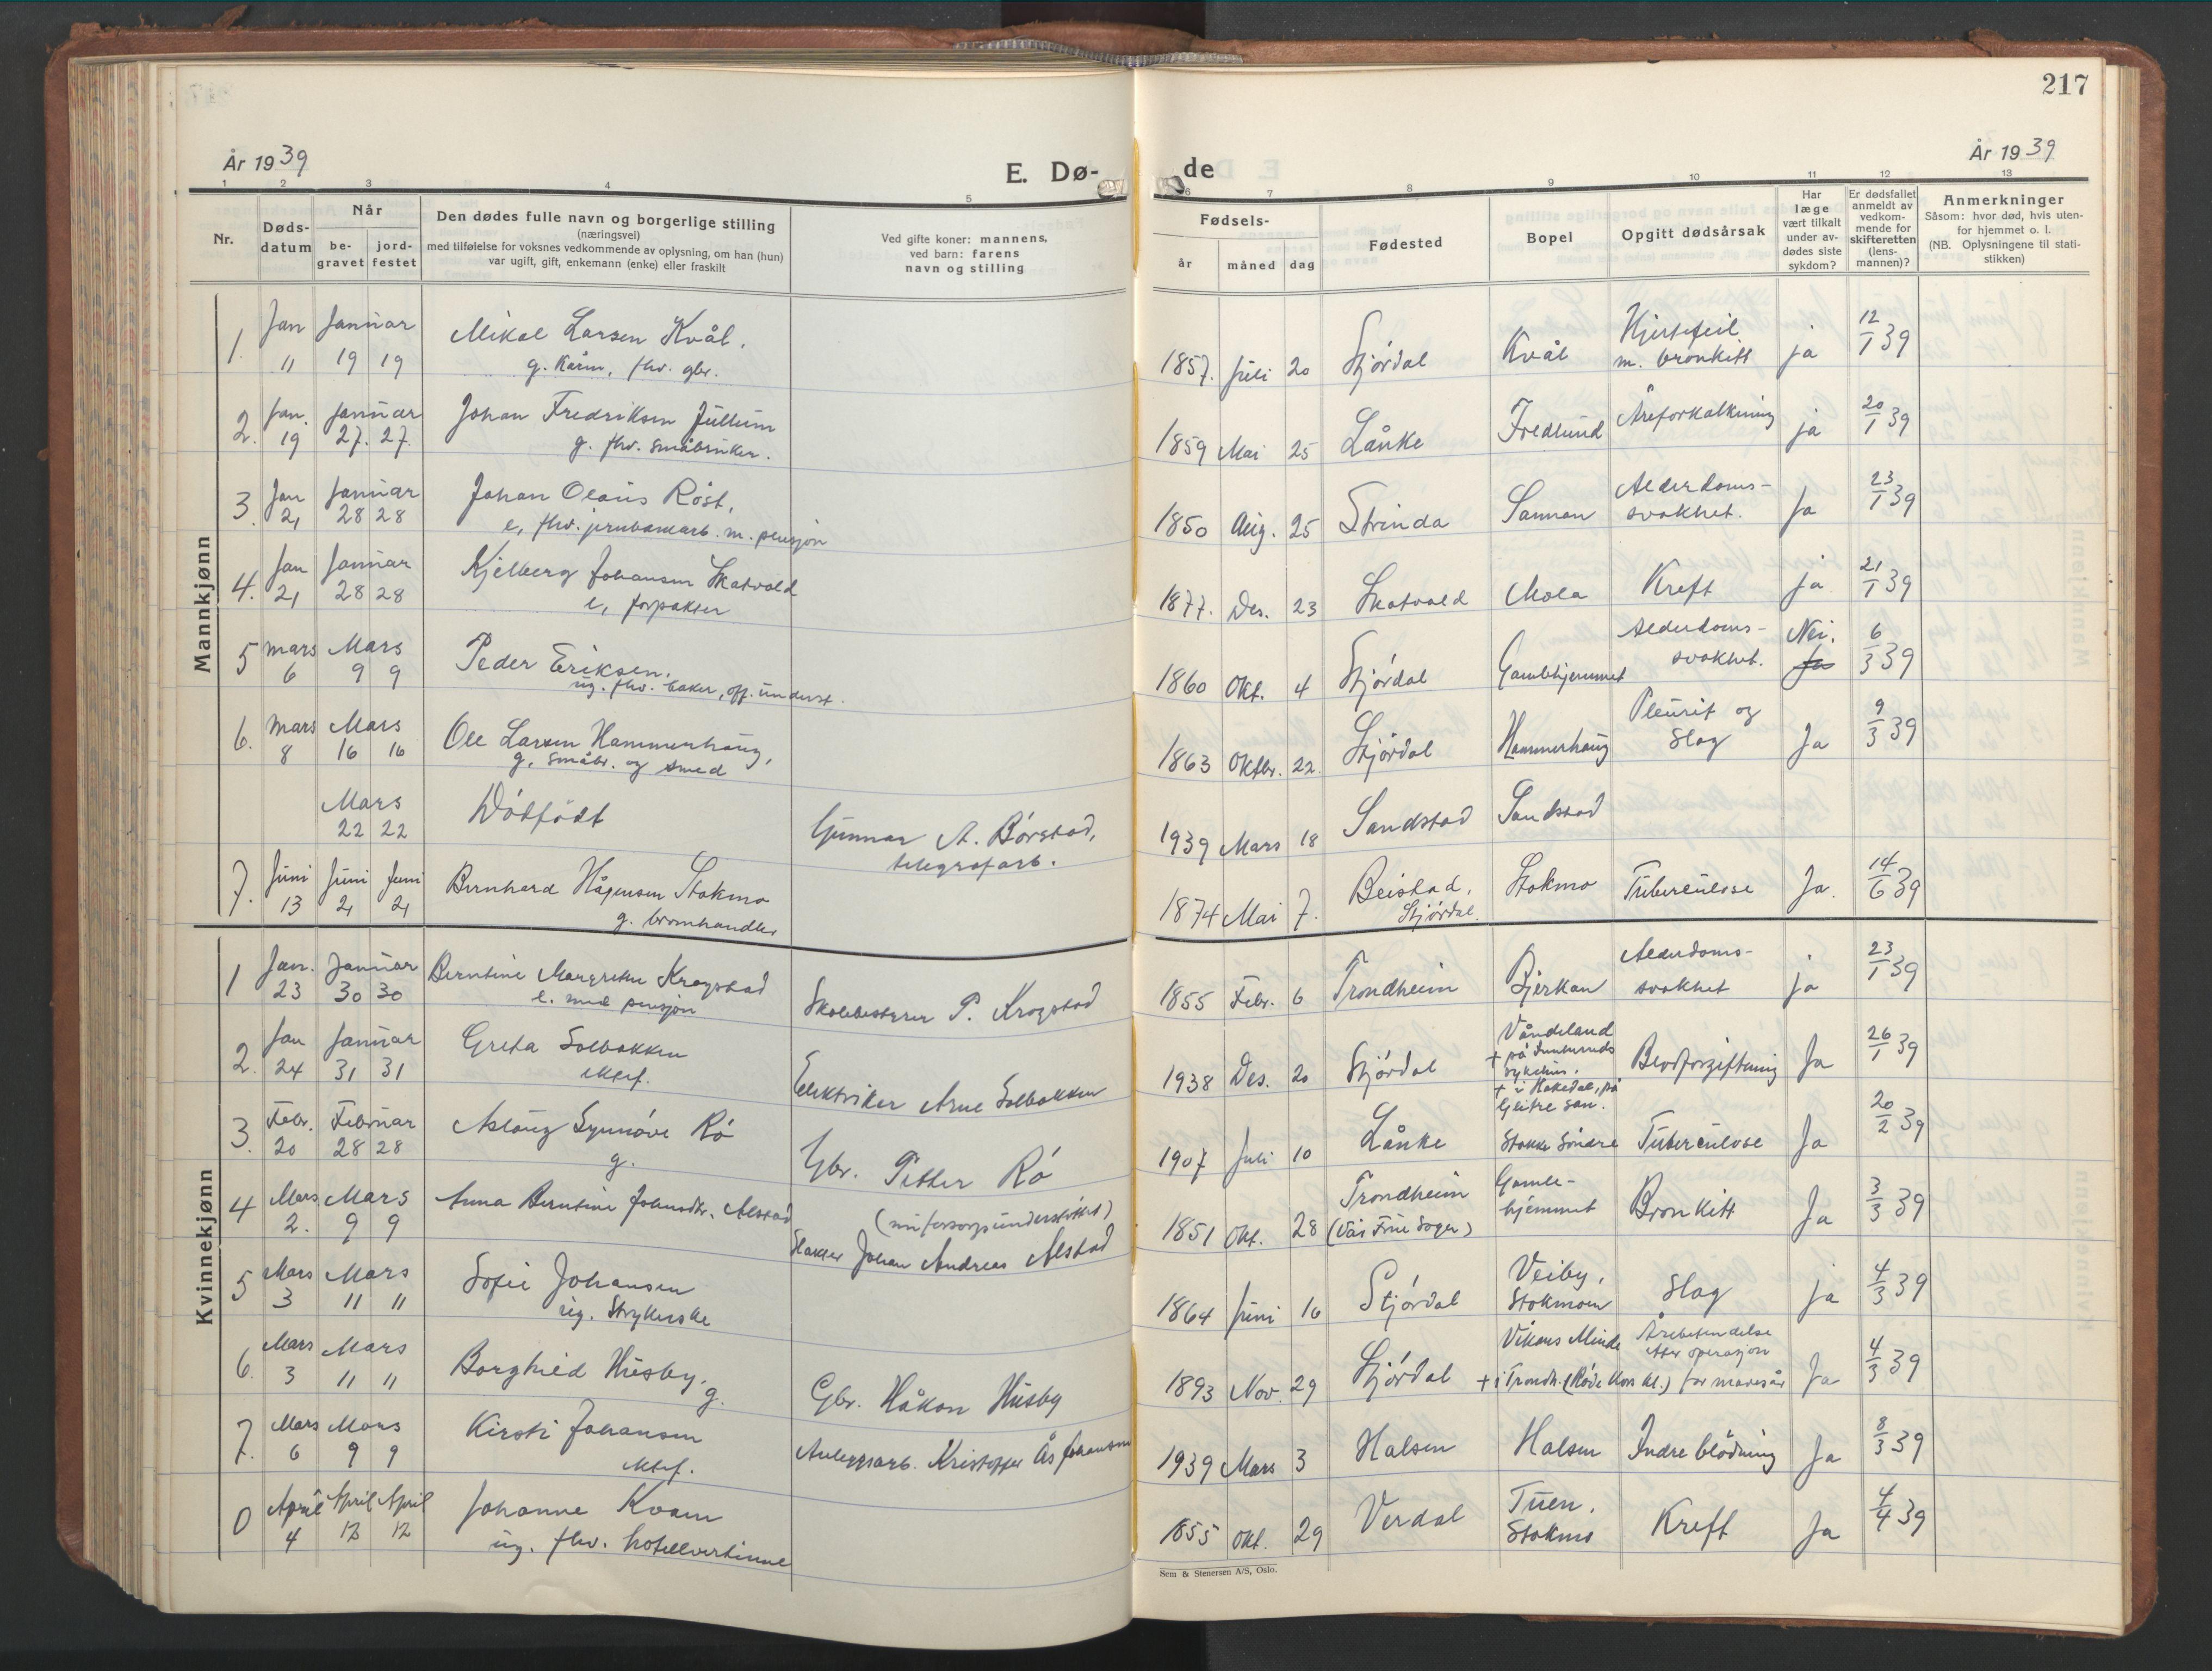 SAT, Ministerialprotokoller, klokkerbøker og fødselsregistre - Nord-Trøndelag, 709/L0089: Klokkerbok nr. 709C03, 1935-1948, s. 217